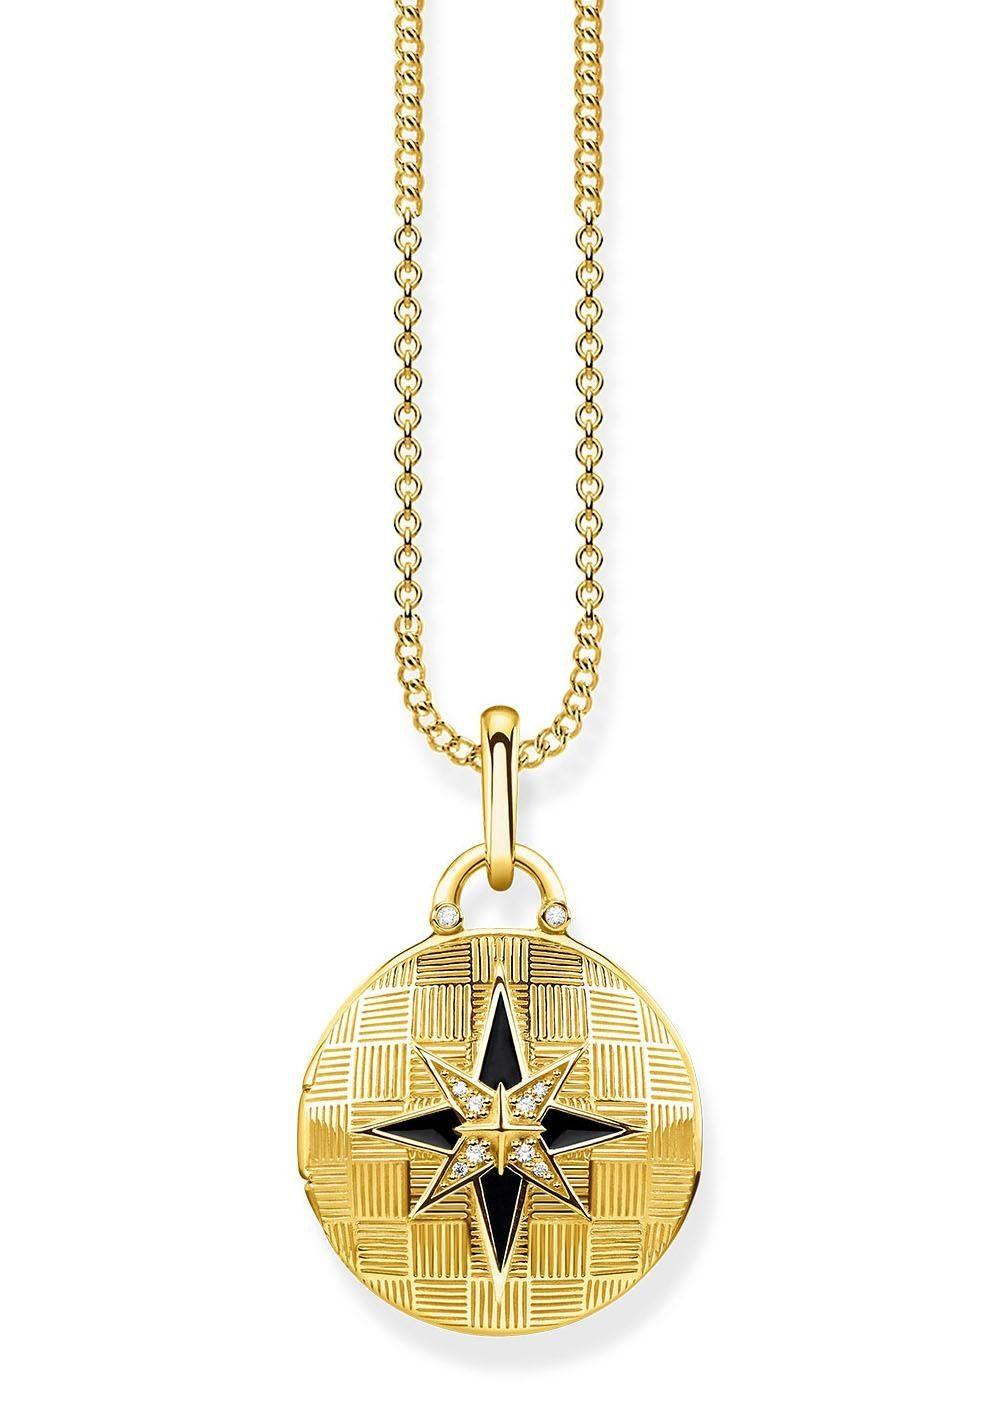 THOMAS SABO Kette mit Anhänger »D_KE0037-895-25-L45v, Medaillon Nautischer Stern rund« mit Emaille und Diamanten